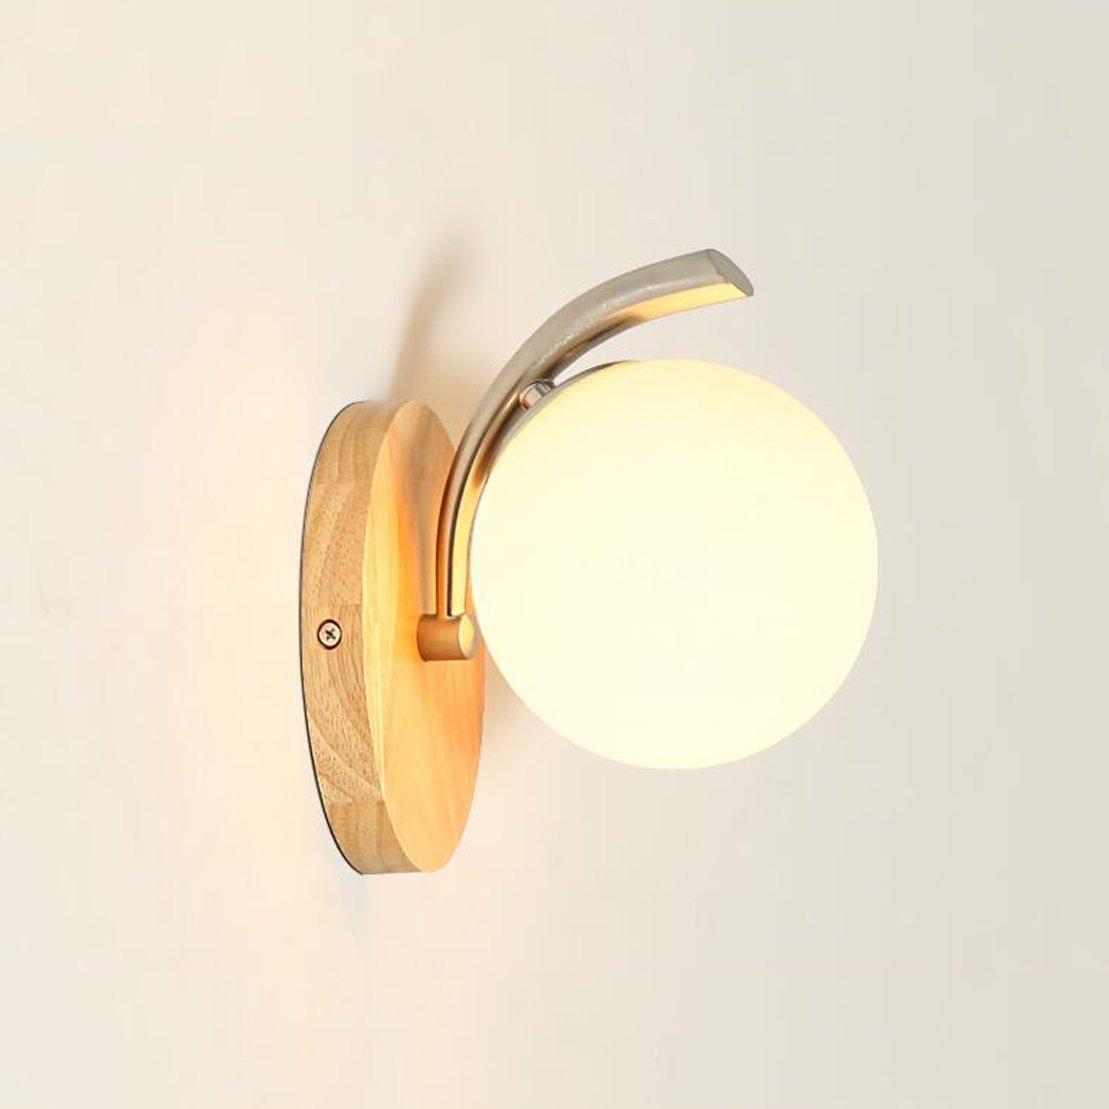 HZB Massivholz Wandleuchte Originalität Nordeuropa Moderne Wohnzimmer Gang Nachttischlampe (Größe   1lamp1820cm)